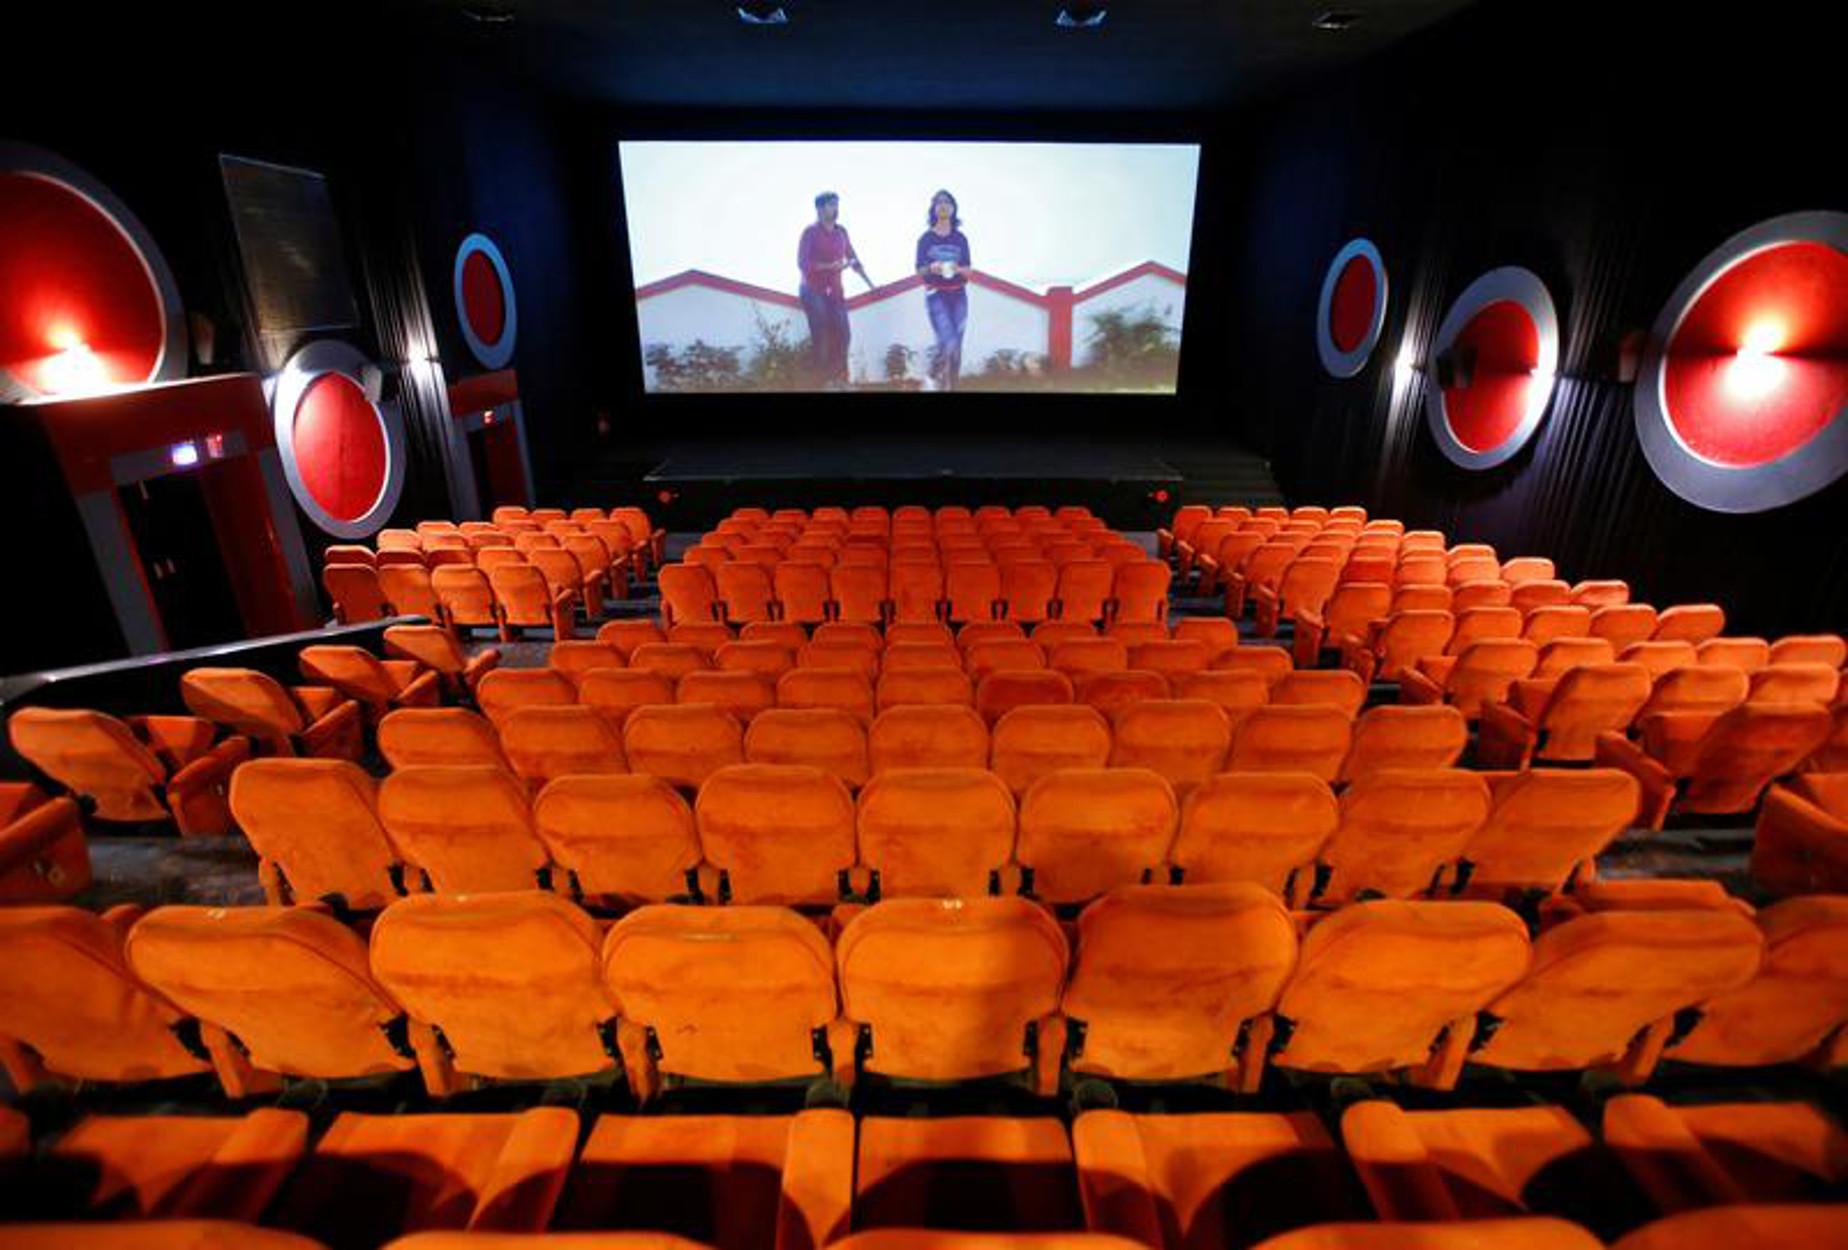 Γαλλία: Μόνο με πιστοποιητικό εμβολιασμού από σήμερα η είσοδος σε σινεμά, θέατρα και γήπεδα